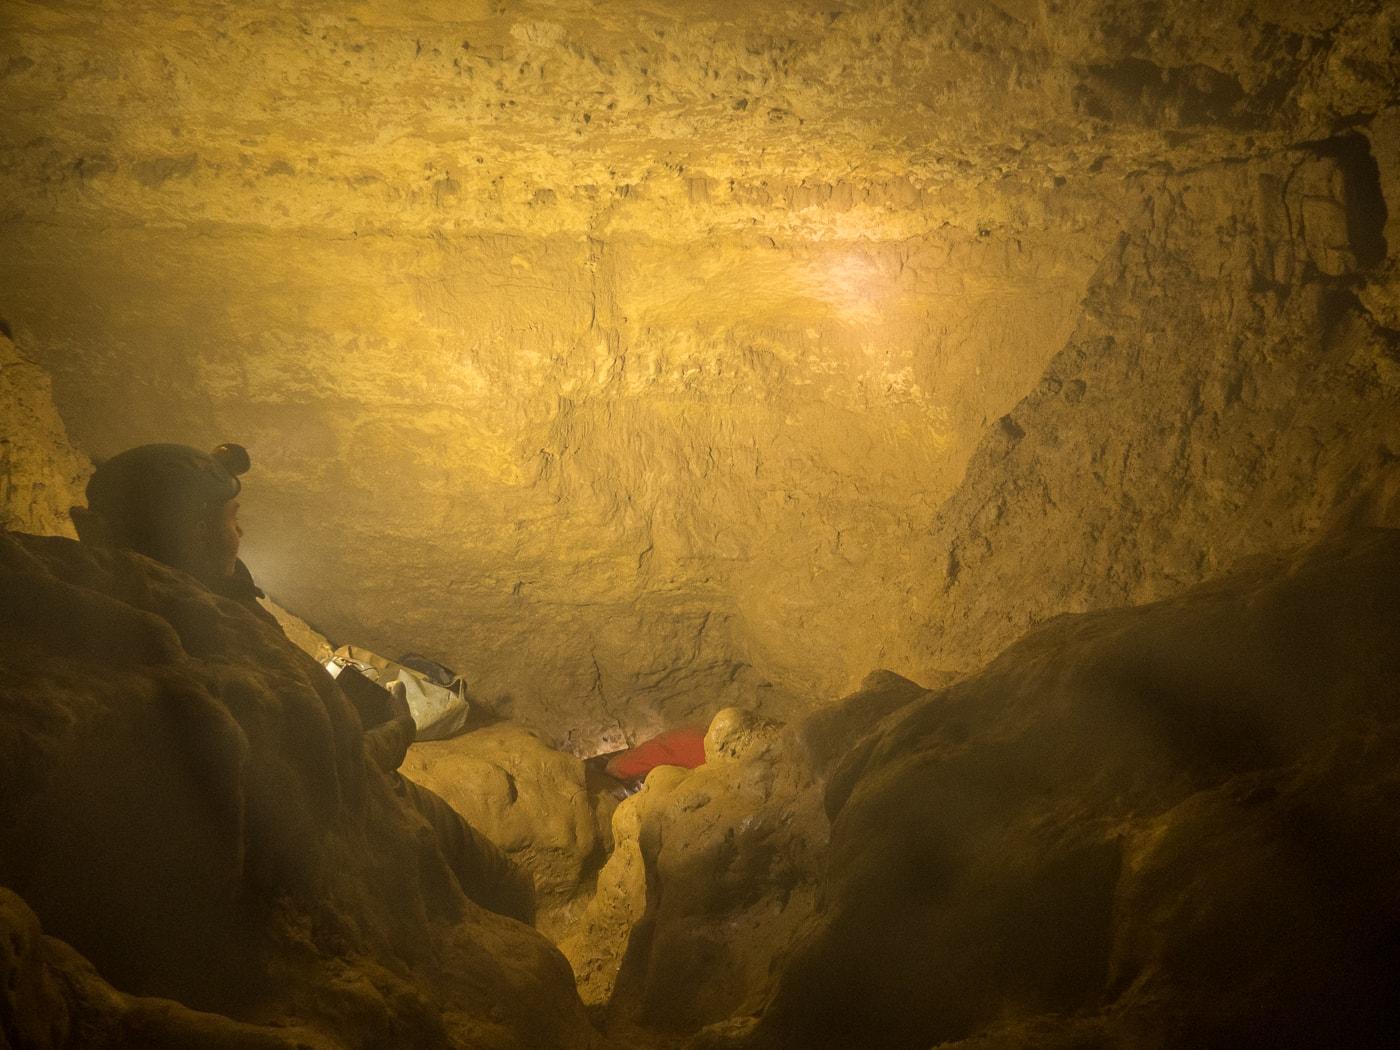 rivière souterraine champdeniers st denis la salle perdue